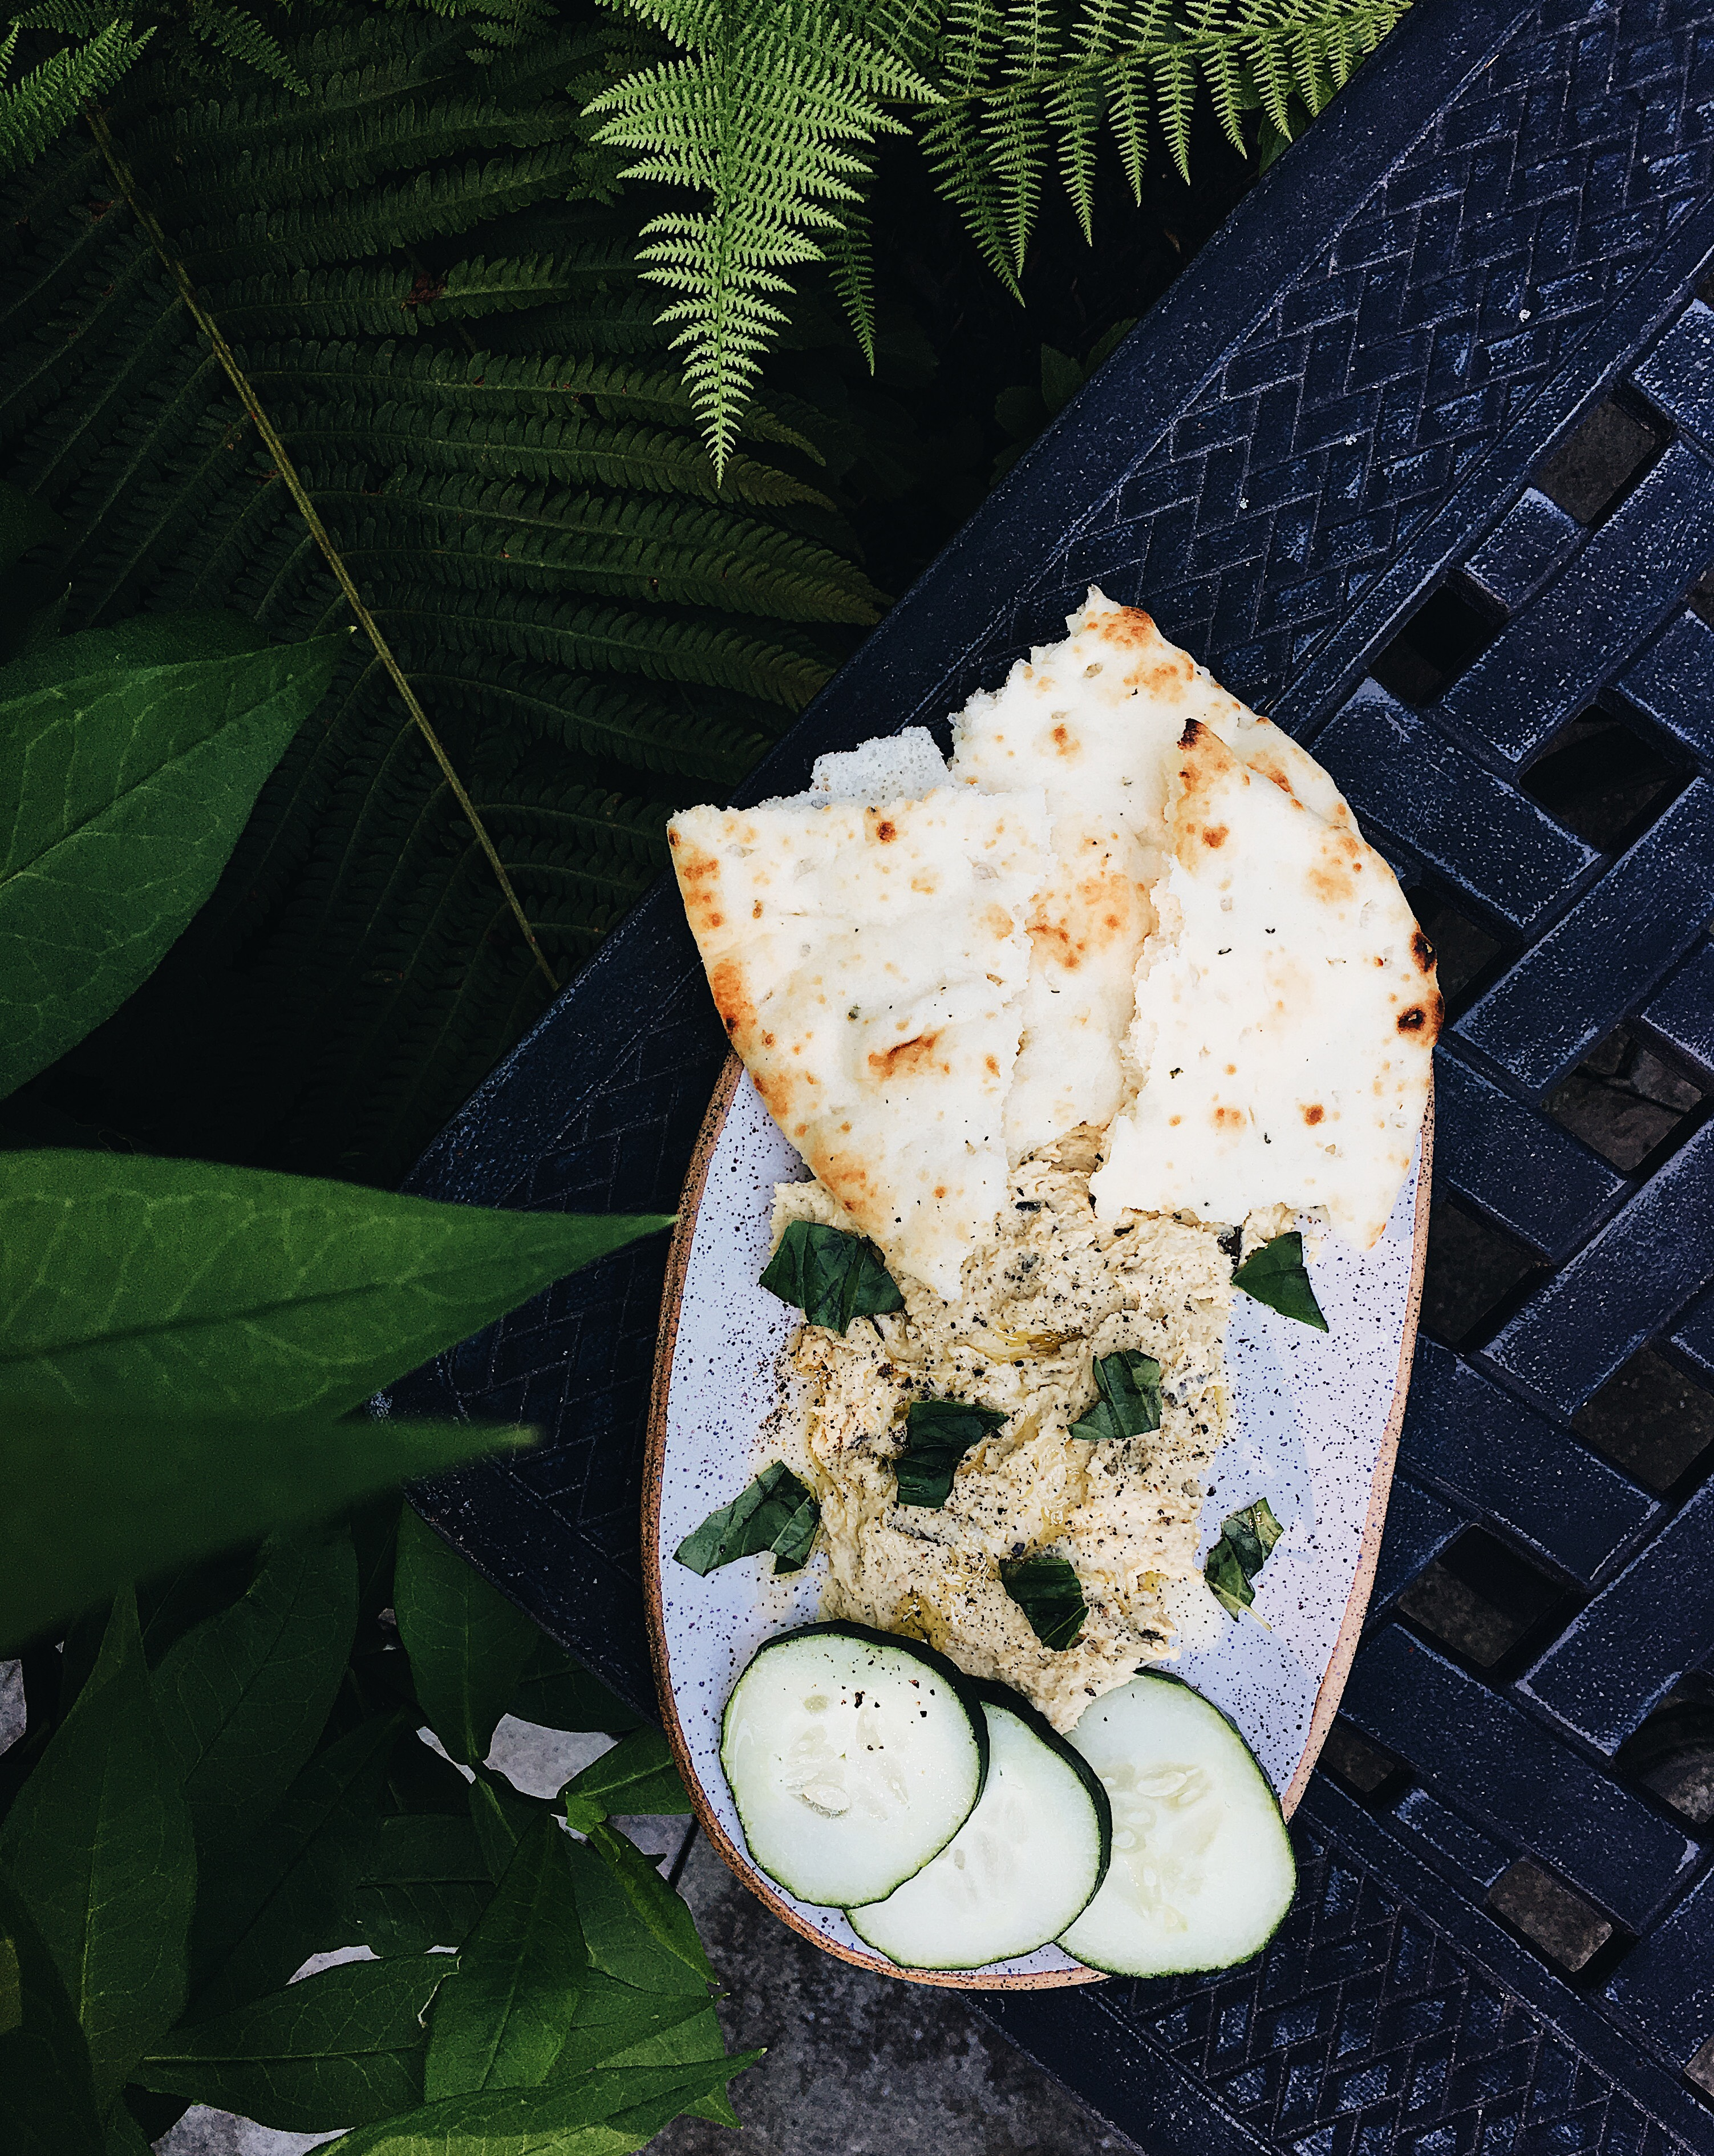 Garlic Scape Hummus Vertical